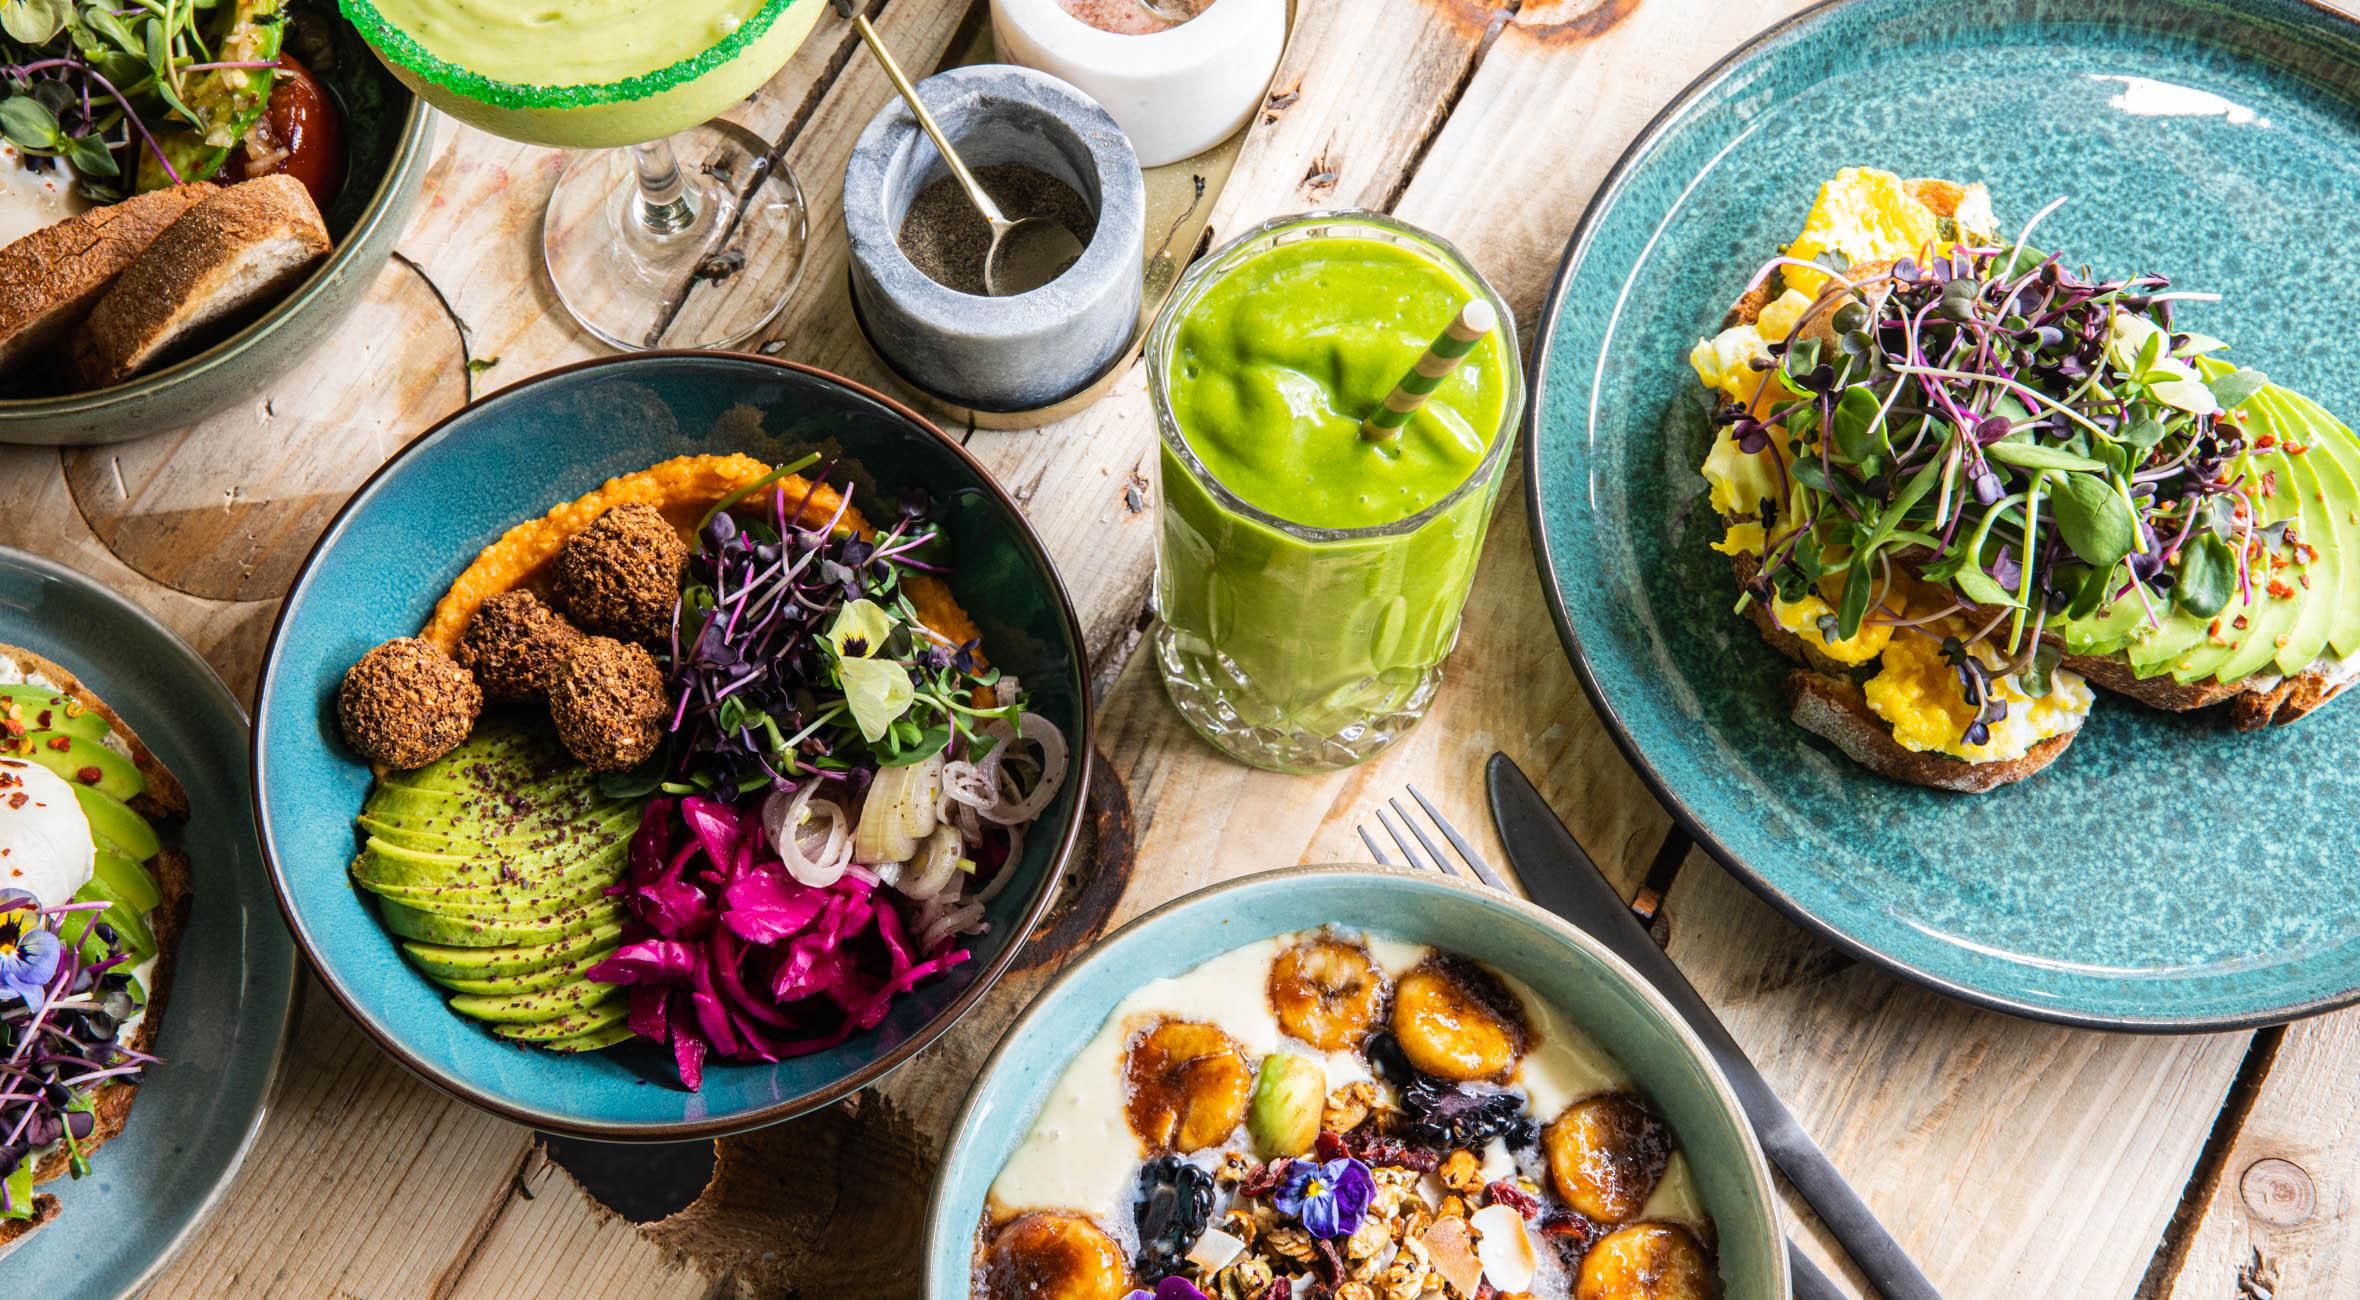 Frit valg til alt hos Avobaren på Frederiksberg – Byens hippeste café hylder avocadoen